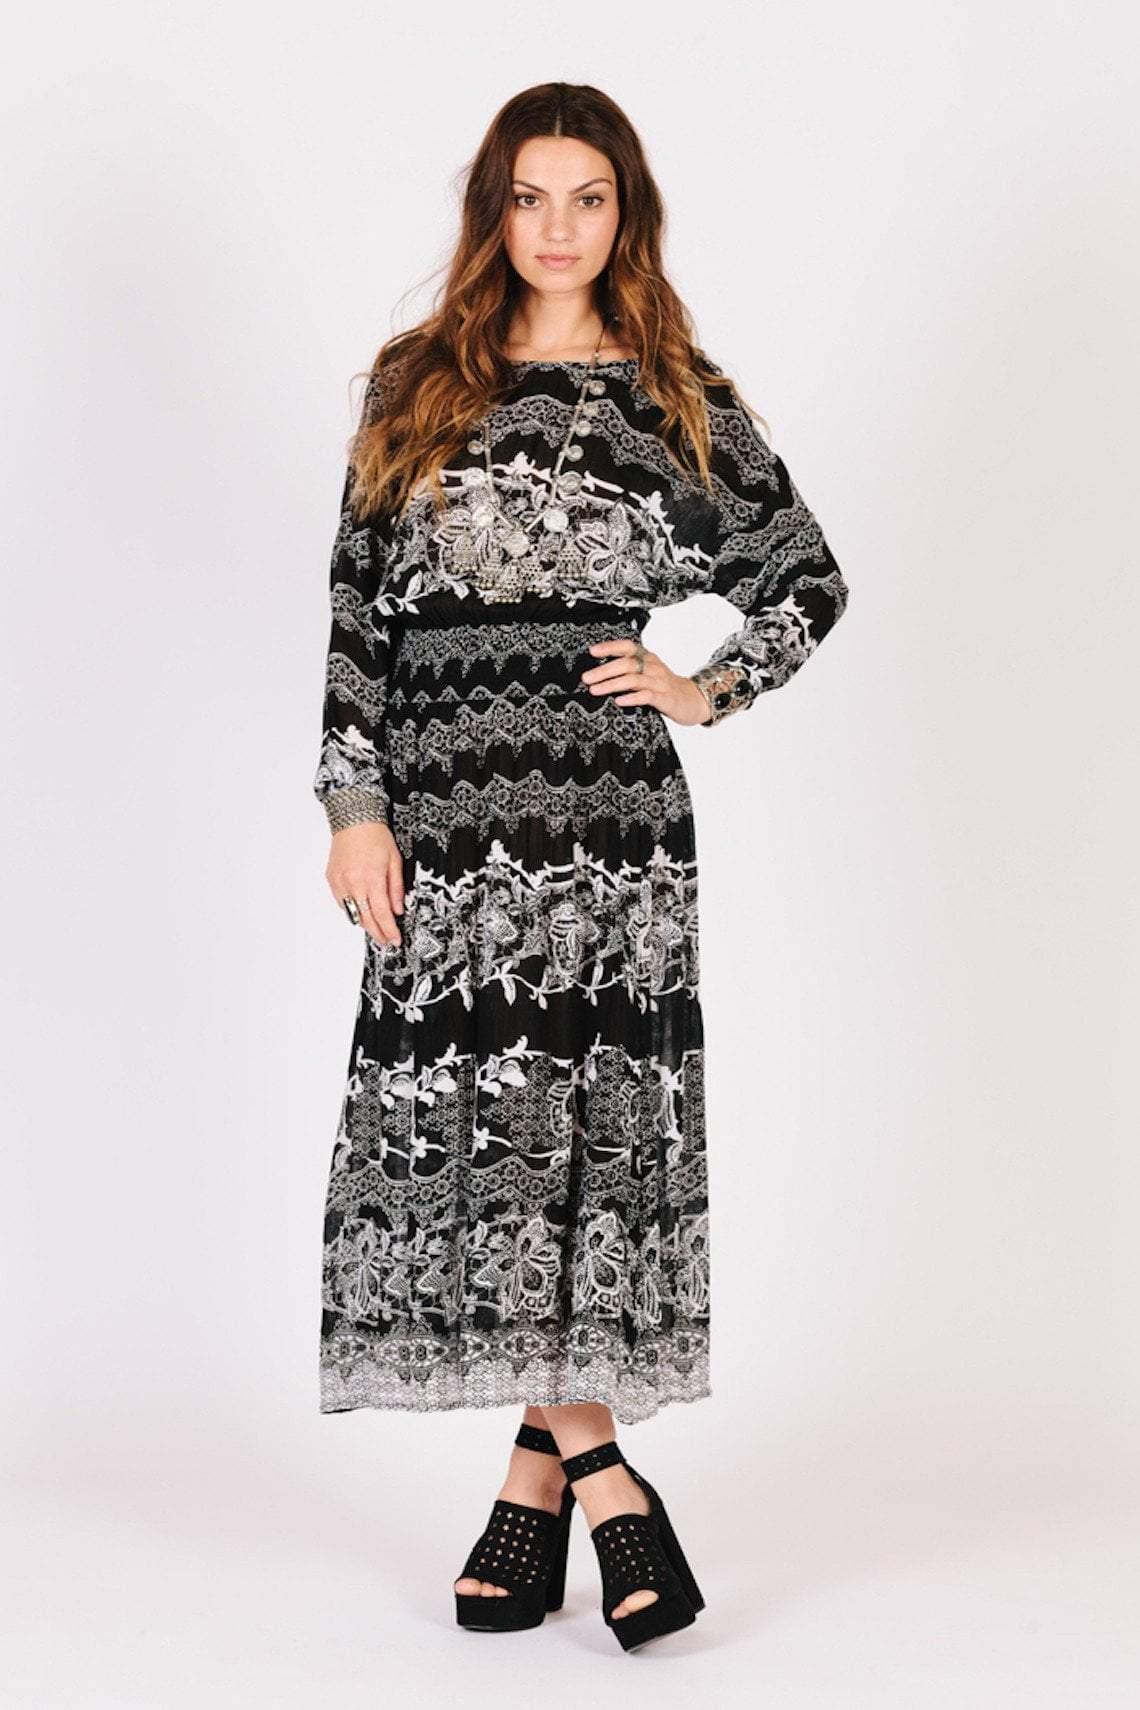 RAGA - The Bonnie Dress